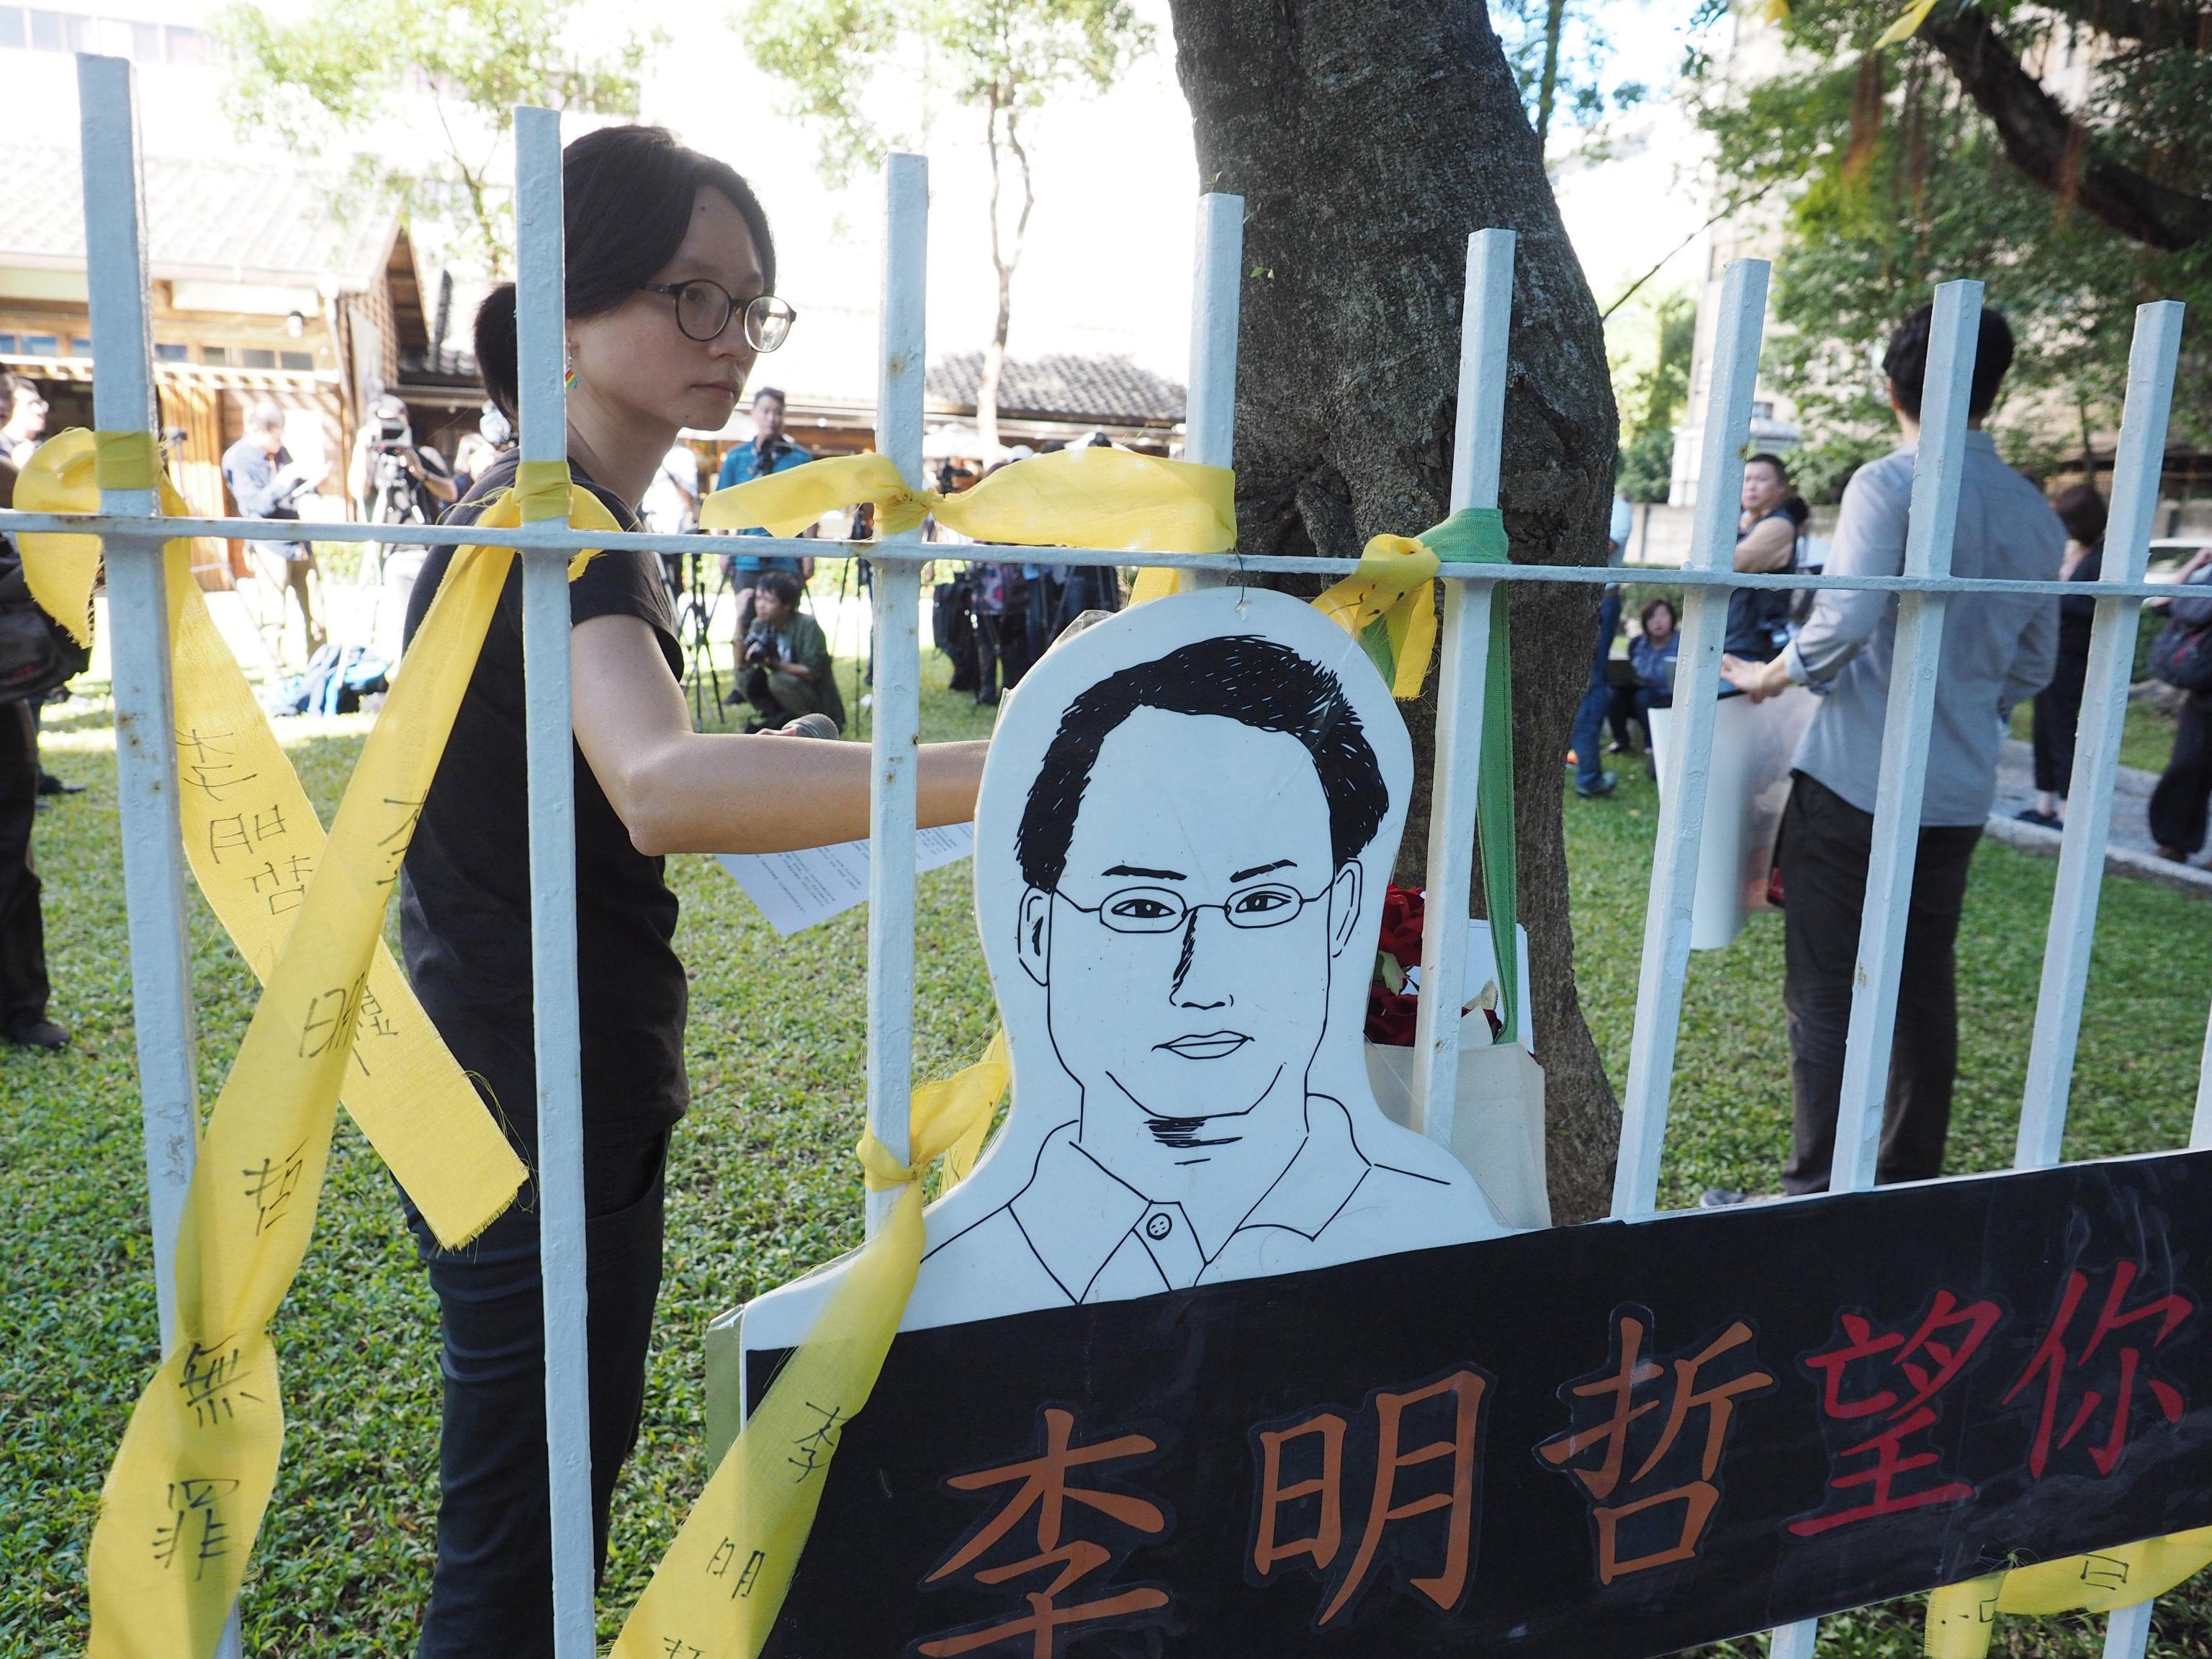 Cina: 5 anni carcere ad attivista Taiwan